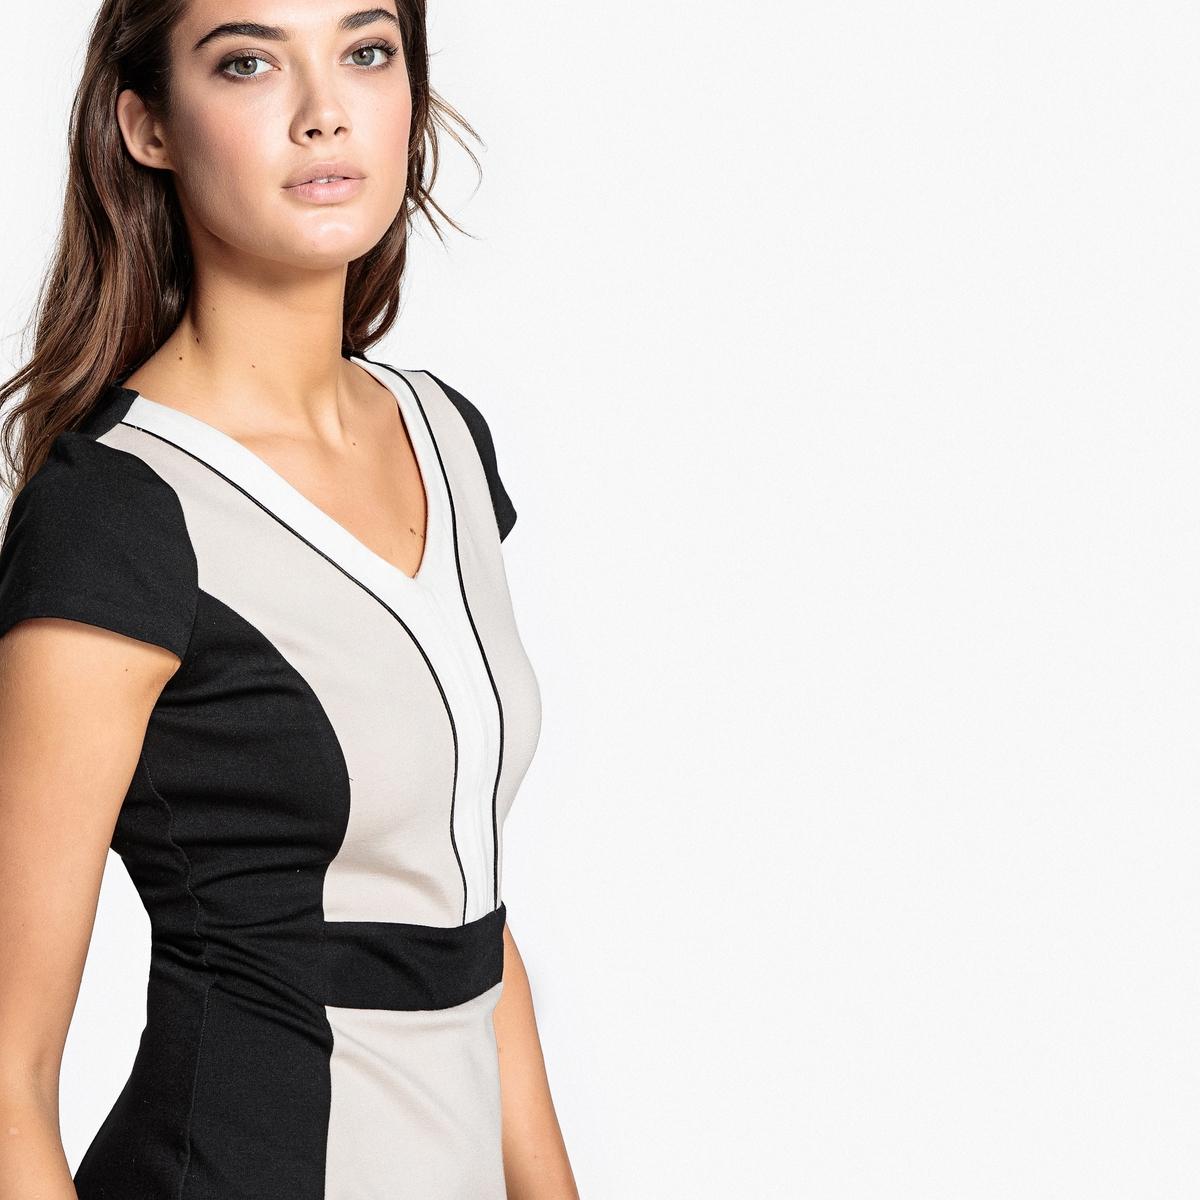 Платье облегающее, двухцветноеДетали •  Форма : Облегающий покрой •  Длина до колен •  Короткие рукава    •   V-образный вырезСостав и уход •  65% вискозы, 5% эластана, 30% полиамида •  Температура стирки 30°   •  Сухая чистка и отбеливание запрещены    •  Не использовать барабанную сушку   •  Низкая температура глажки<br><br>Цвет: черный/ бежевый<br>Размер: 44 (FR) - 50 (RUS).42 (FR) - 48 (RUS).38 (FR) - 44 (RUS)